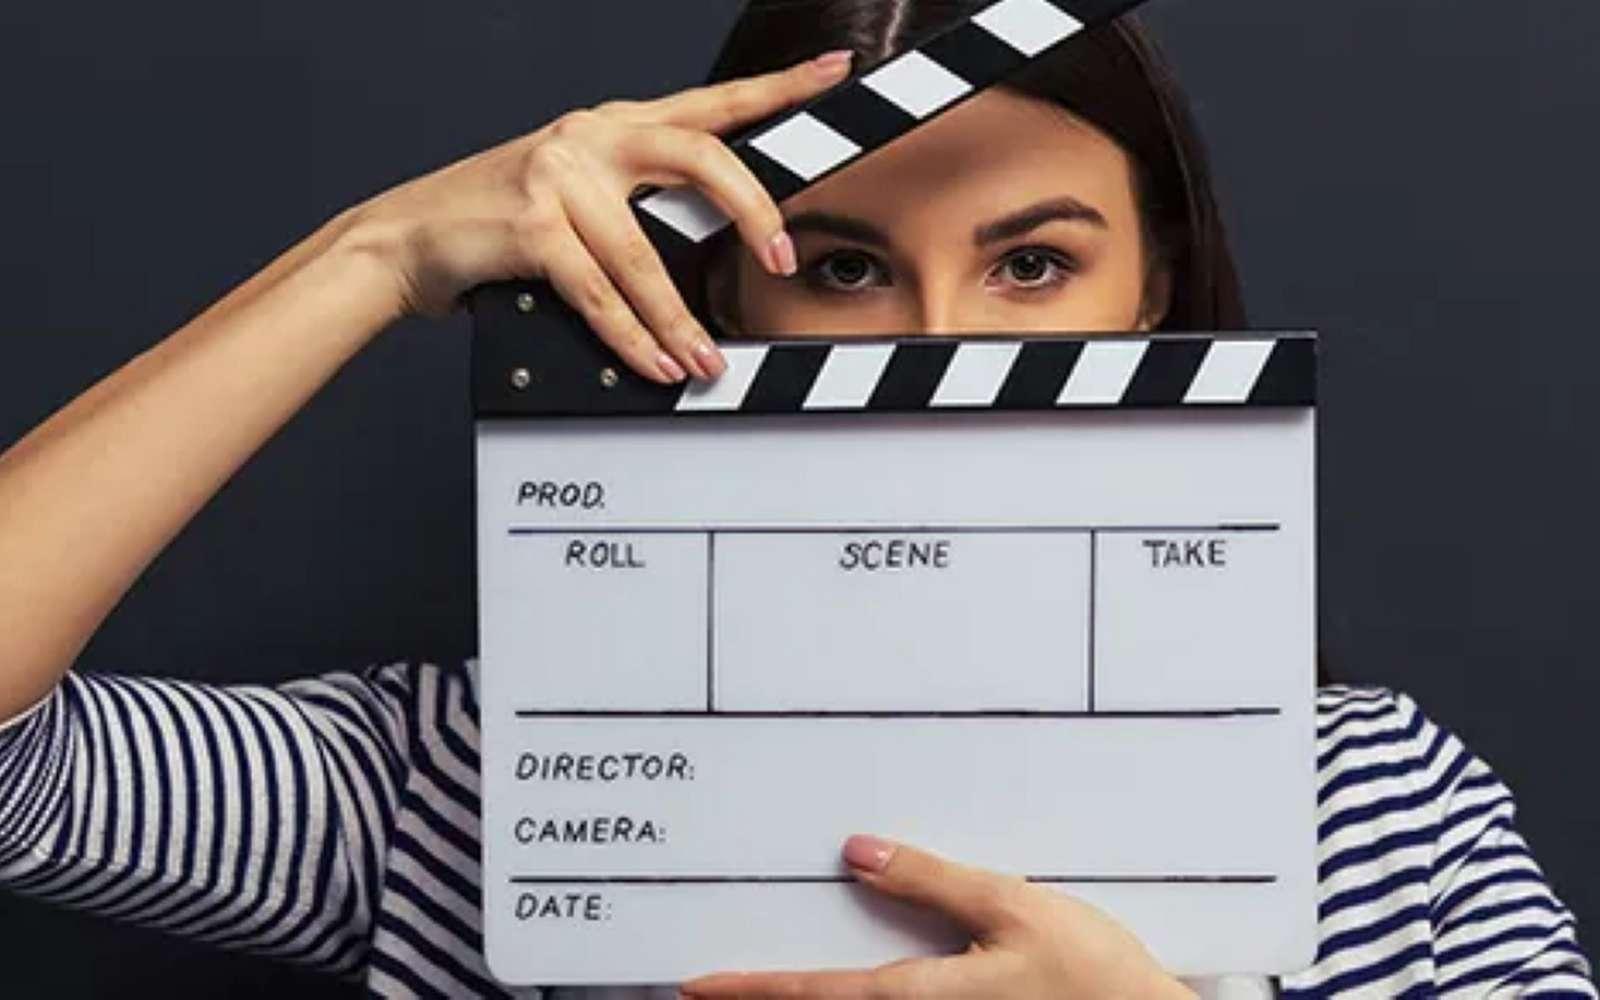 InVideo est l'une des rares plateformes de montage vidéo gratuites à ne pas imposer un filigrane sur les images. © InVideo